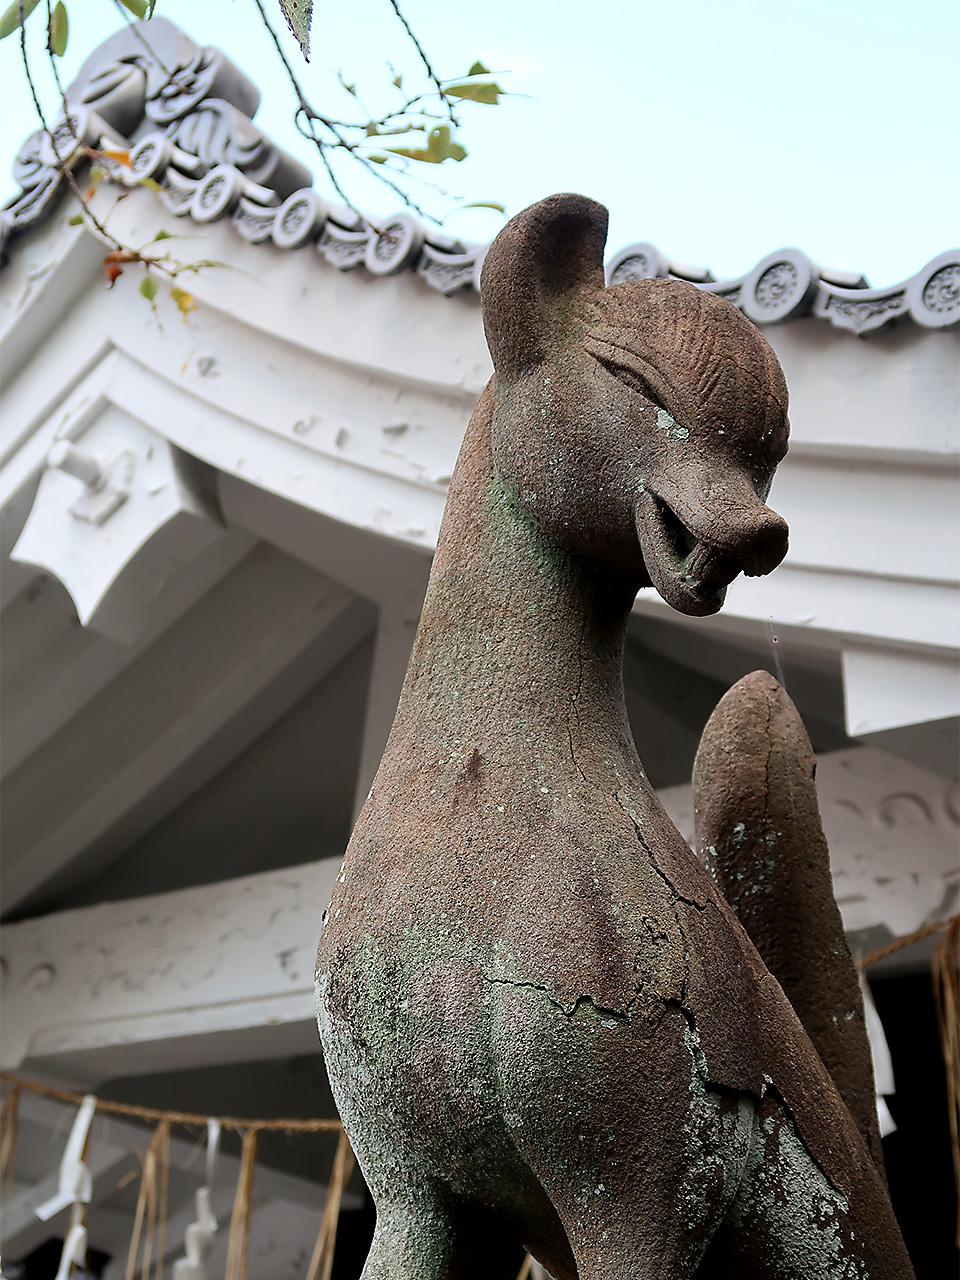 満足稲荷神社 舞殿・狛狐